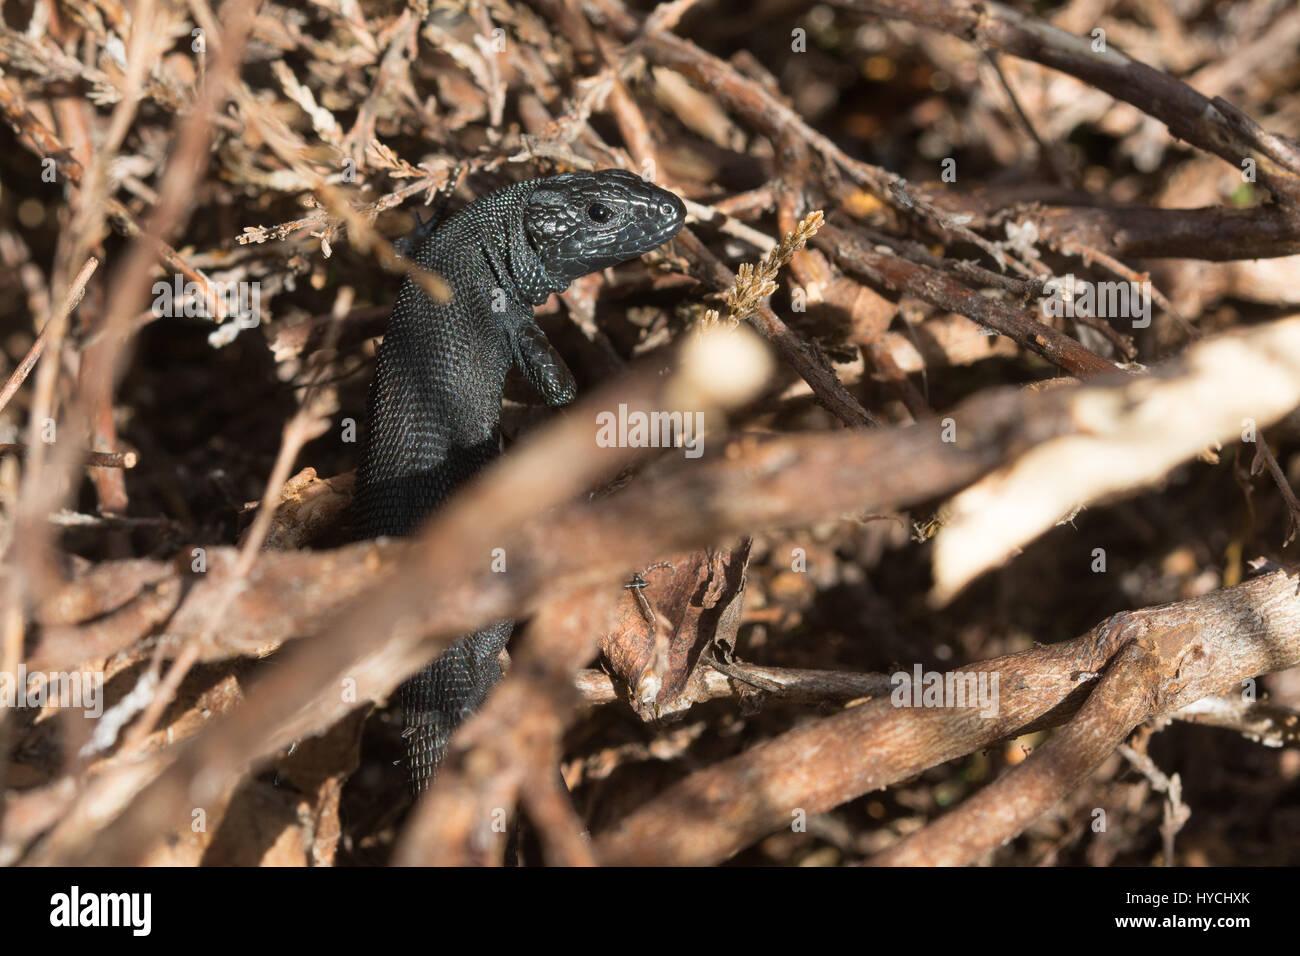 Variante de color melanistic inusual de lagarto ovíparos (también conocido como lagarto común Zootoca vivipara) en un sitio seco landa en Surrey, Reino Unido Foto de stock